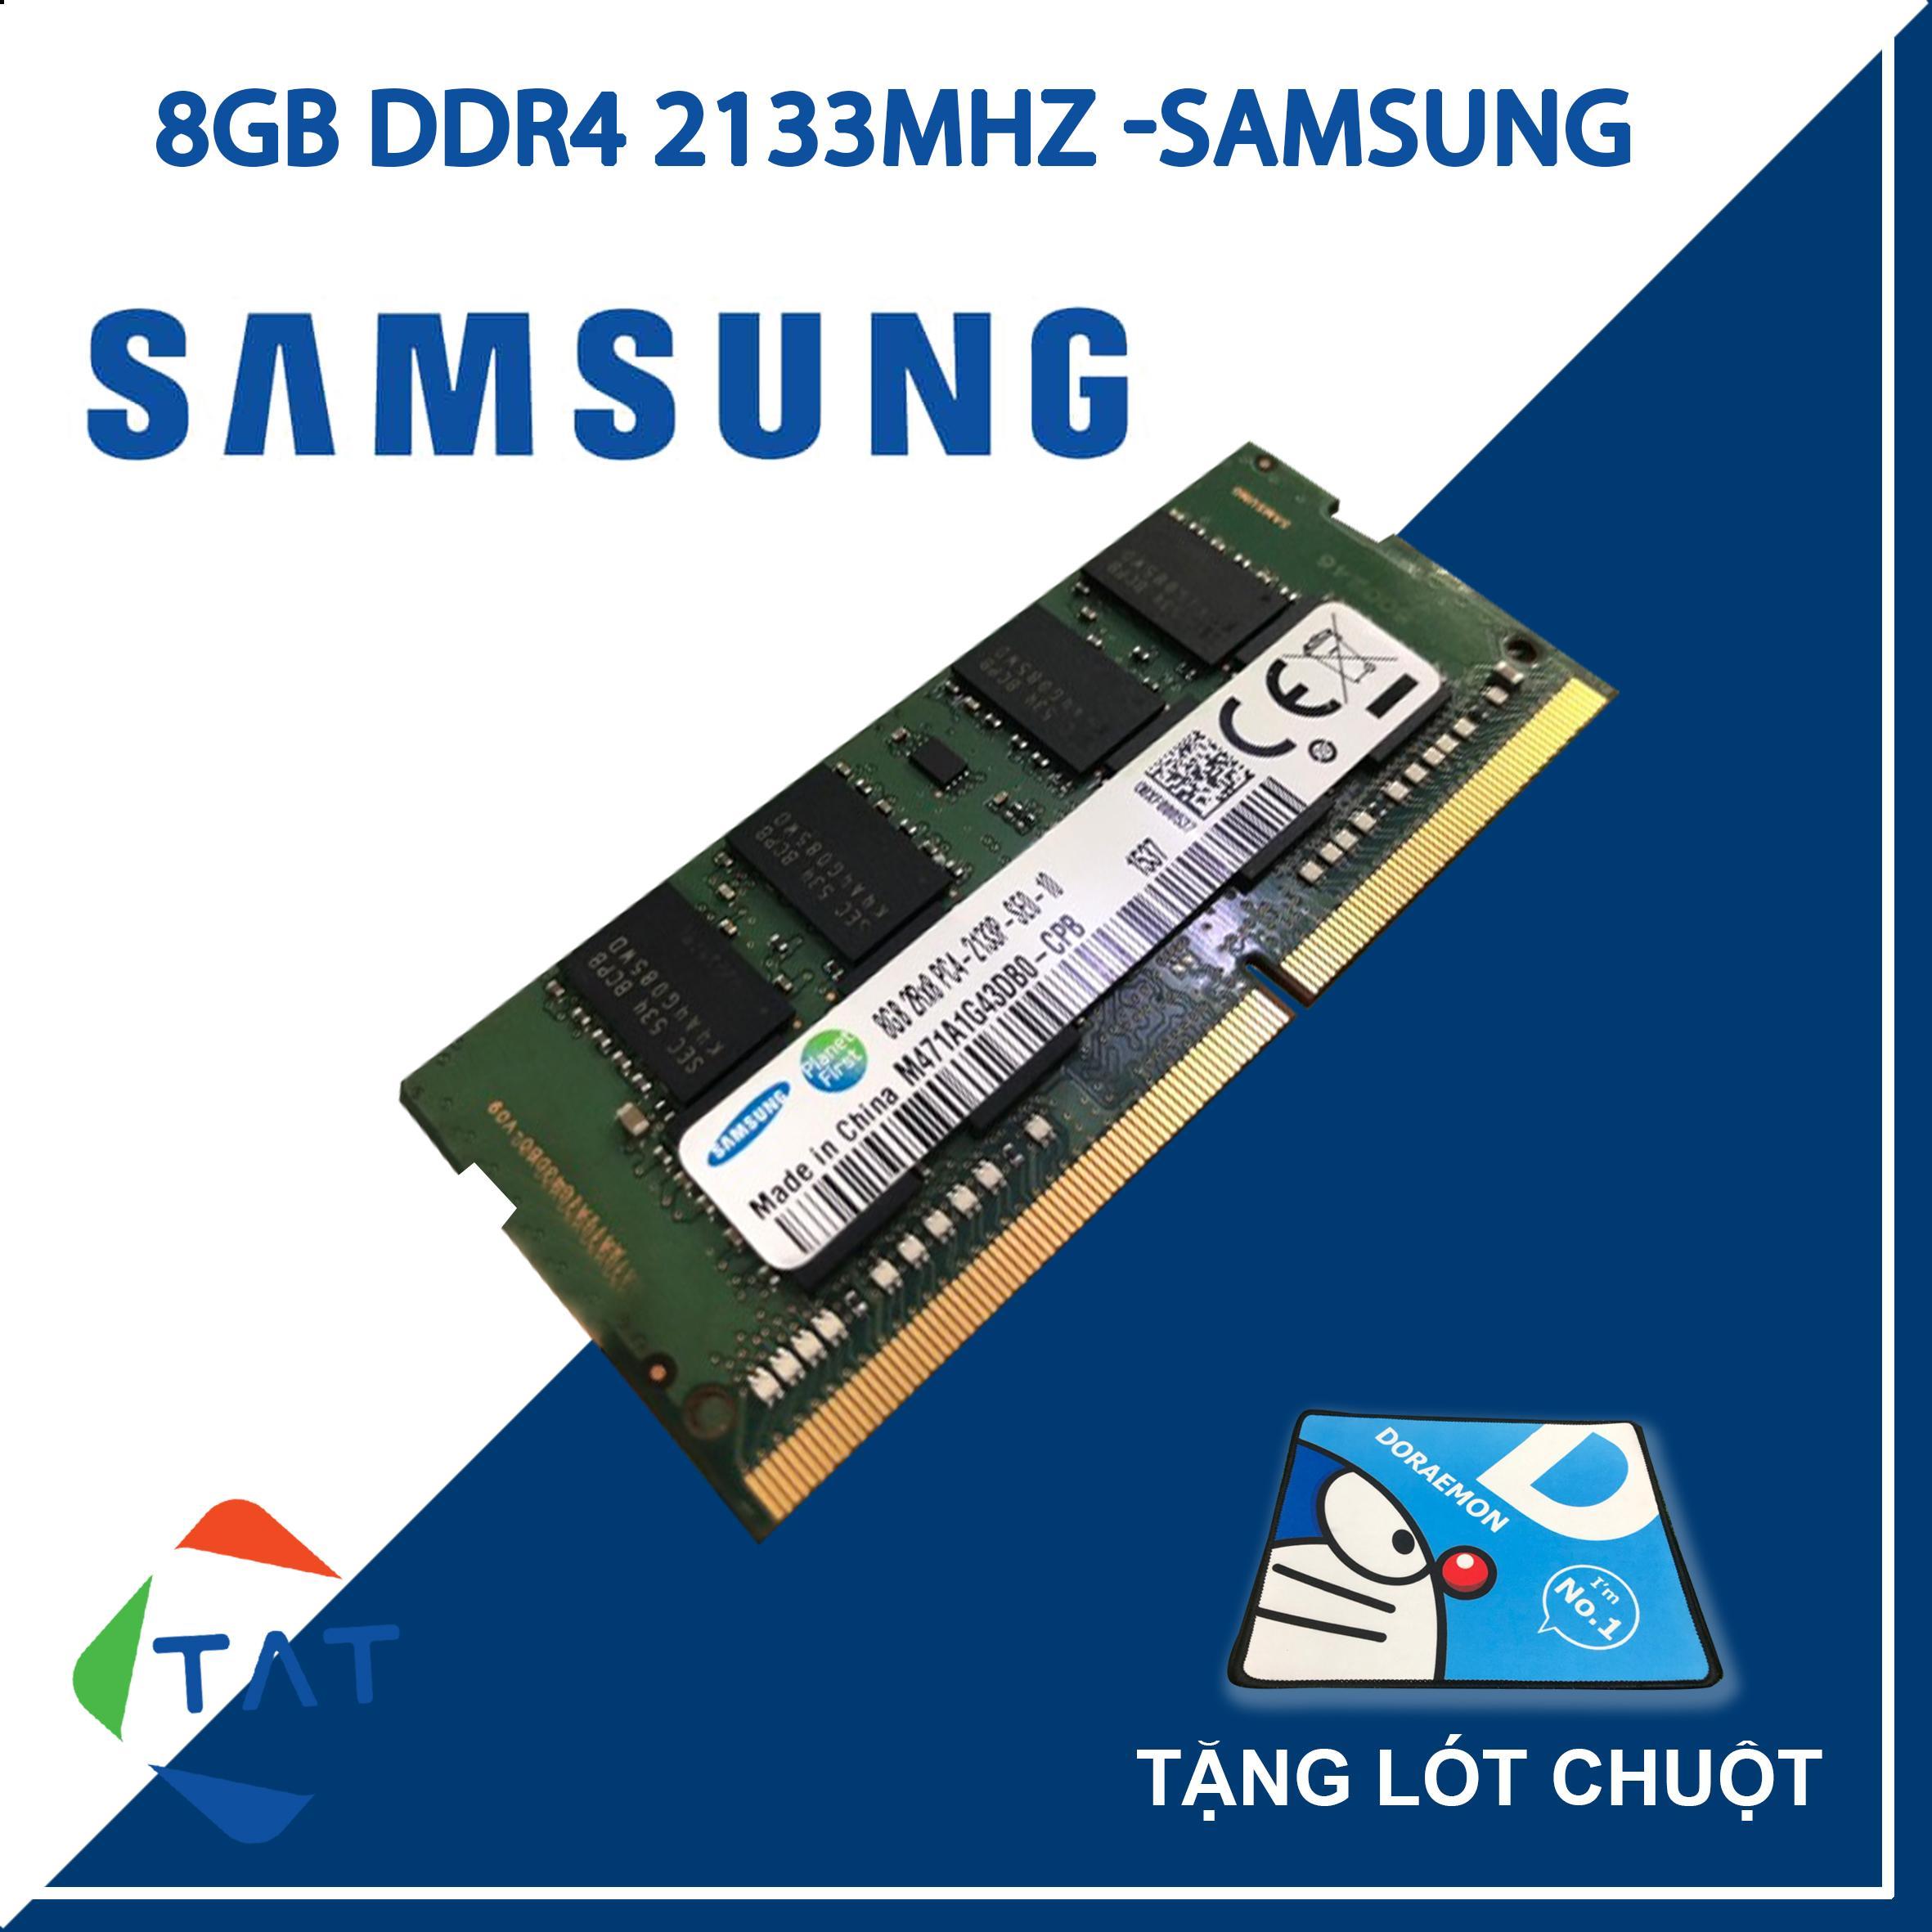 Giá RAM Laptop Samsung 8GB DDR4 Bus 2133MHz 1.2V Dùng Cho Laptop Macbook Bảo Hành 36 Tháng 1 Đổi 1